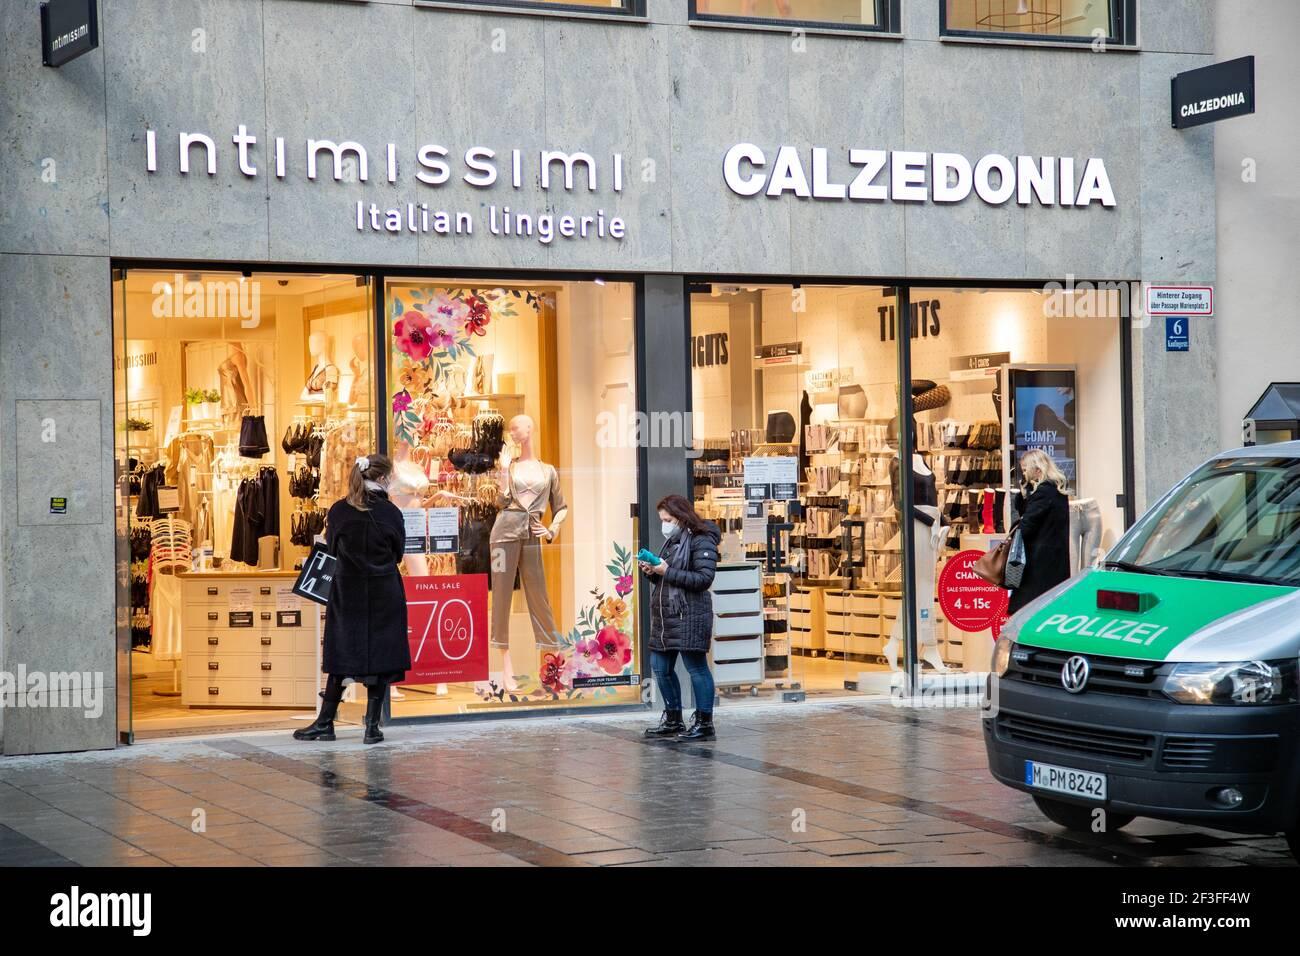 Schlange vor Intimissimo und Calzedonia während die Polizei dran vorbeifährt. Viele Menschen nutzen den Nachmittag am 16,3.2021, um in der Innenstadt von München einzukaufen. Da die Inzidenz in München weiter über 50 liegt und sogar stetig steigt, muss man zum Shoppen (in der Fußgängerzone) vorher einen Termin vereinbaren. - mucha gente usa la ocasión el 16 2021 de marzo para ir de compras al centro de Munich. Como la incidencia es mayor de 50 y está aumentando, uno tiene que registrarse antes de comprar. (Foto de Alexander Pohl/Sipa USA) crédito: SIPA USA/Alamy Live News Foto de stock